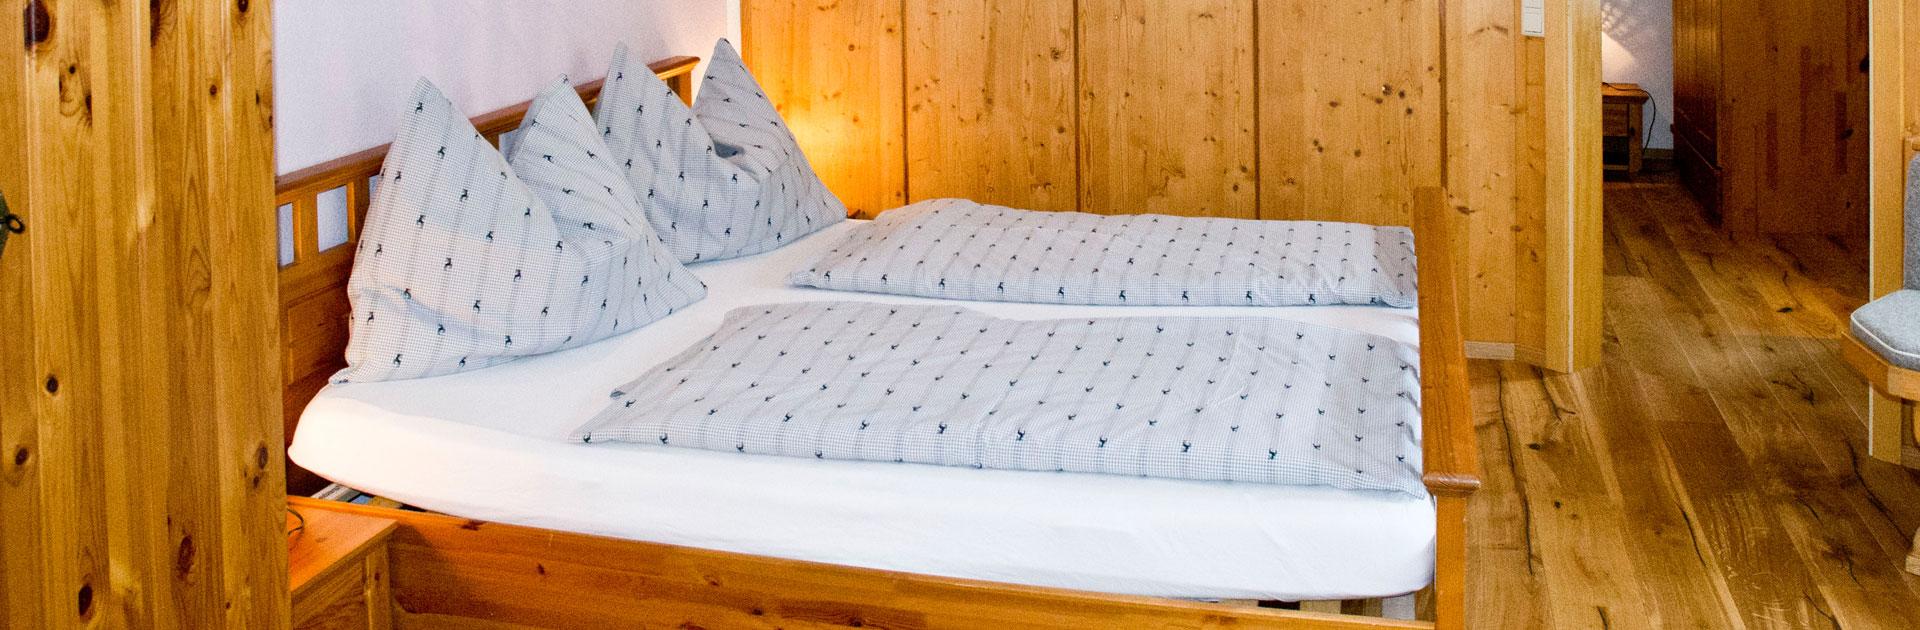 Waldesruh-Apartment Schlafzimmer